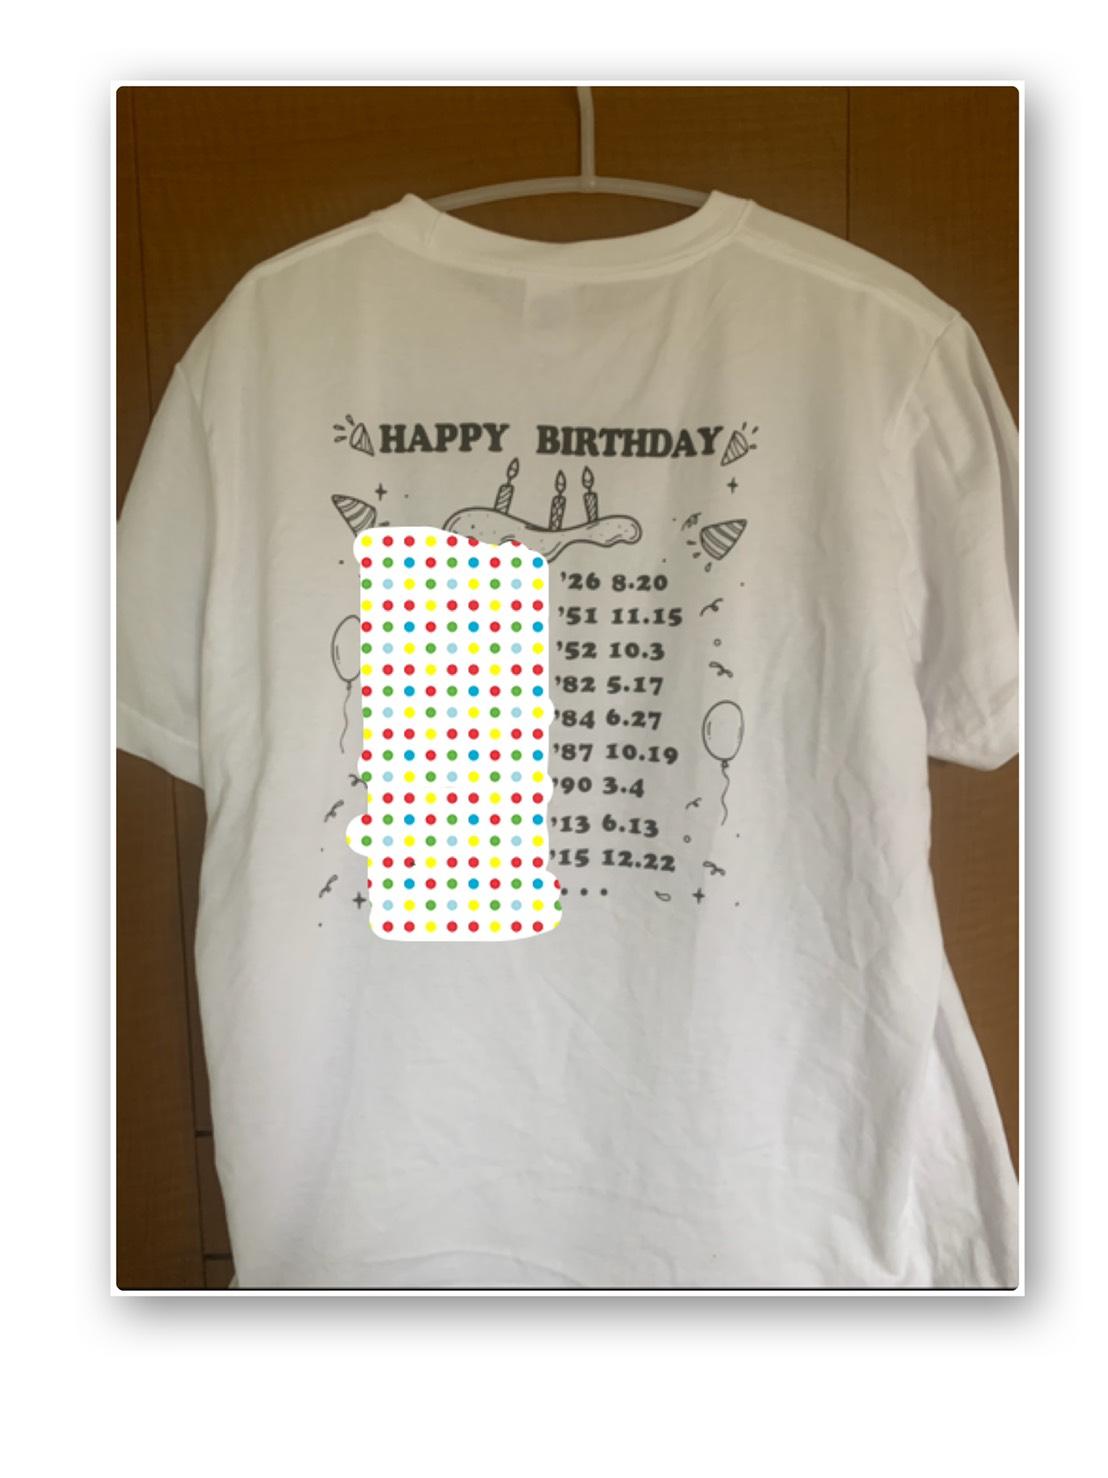 家族記念Tシャツ背面